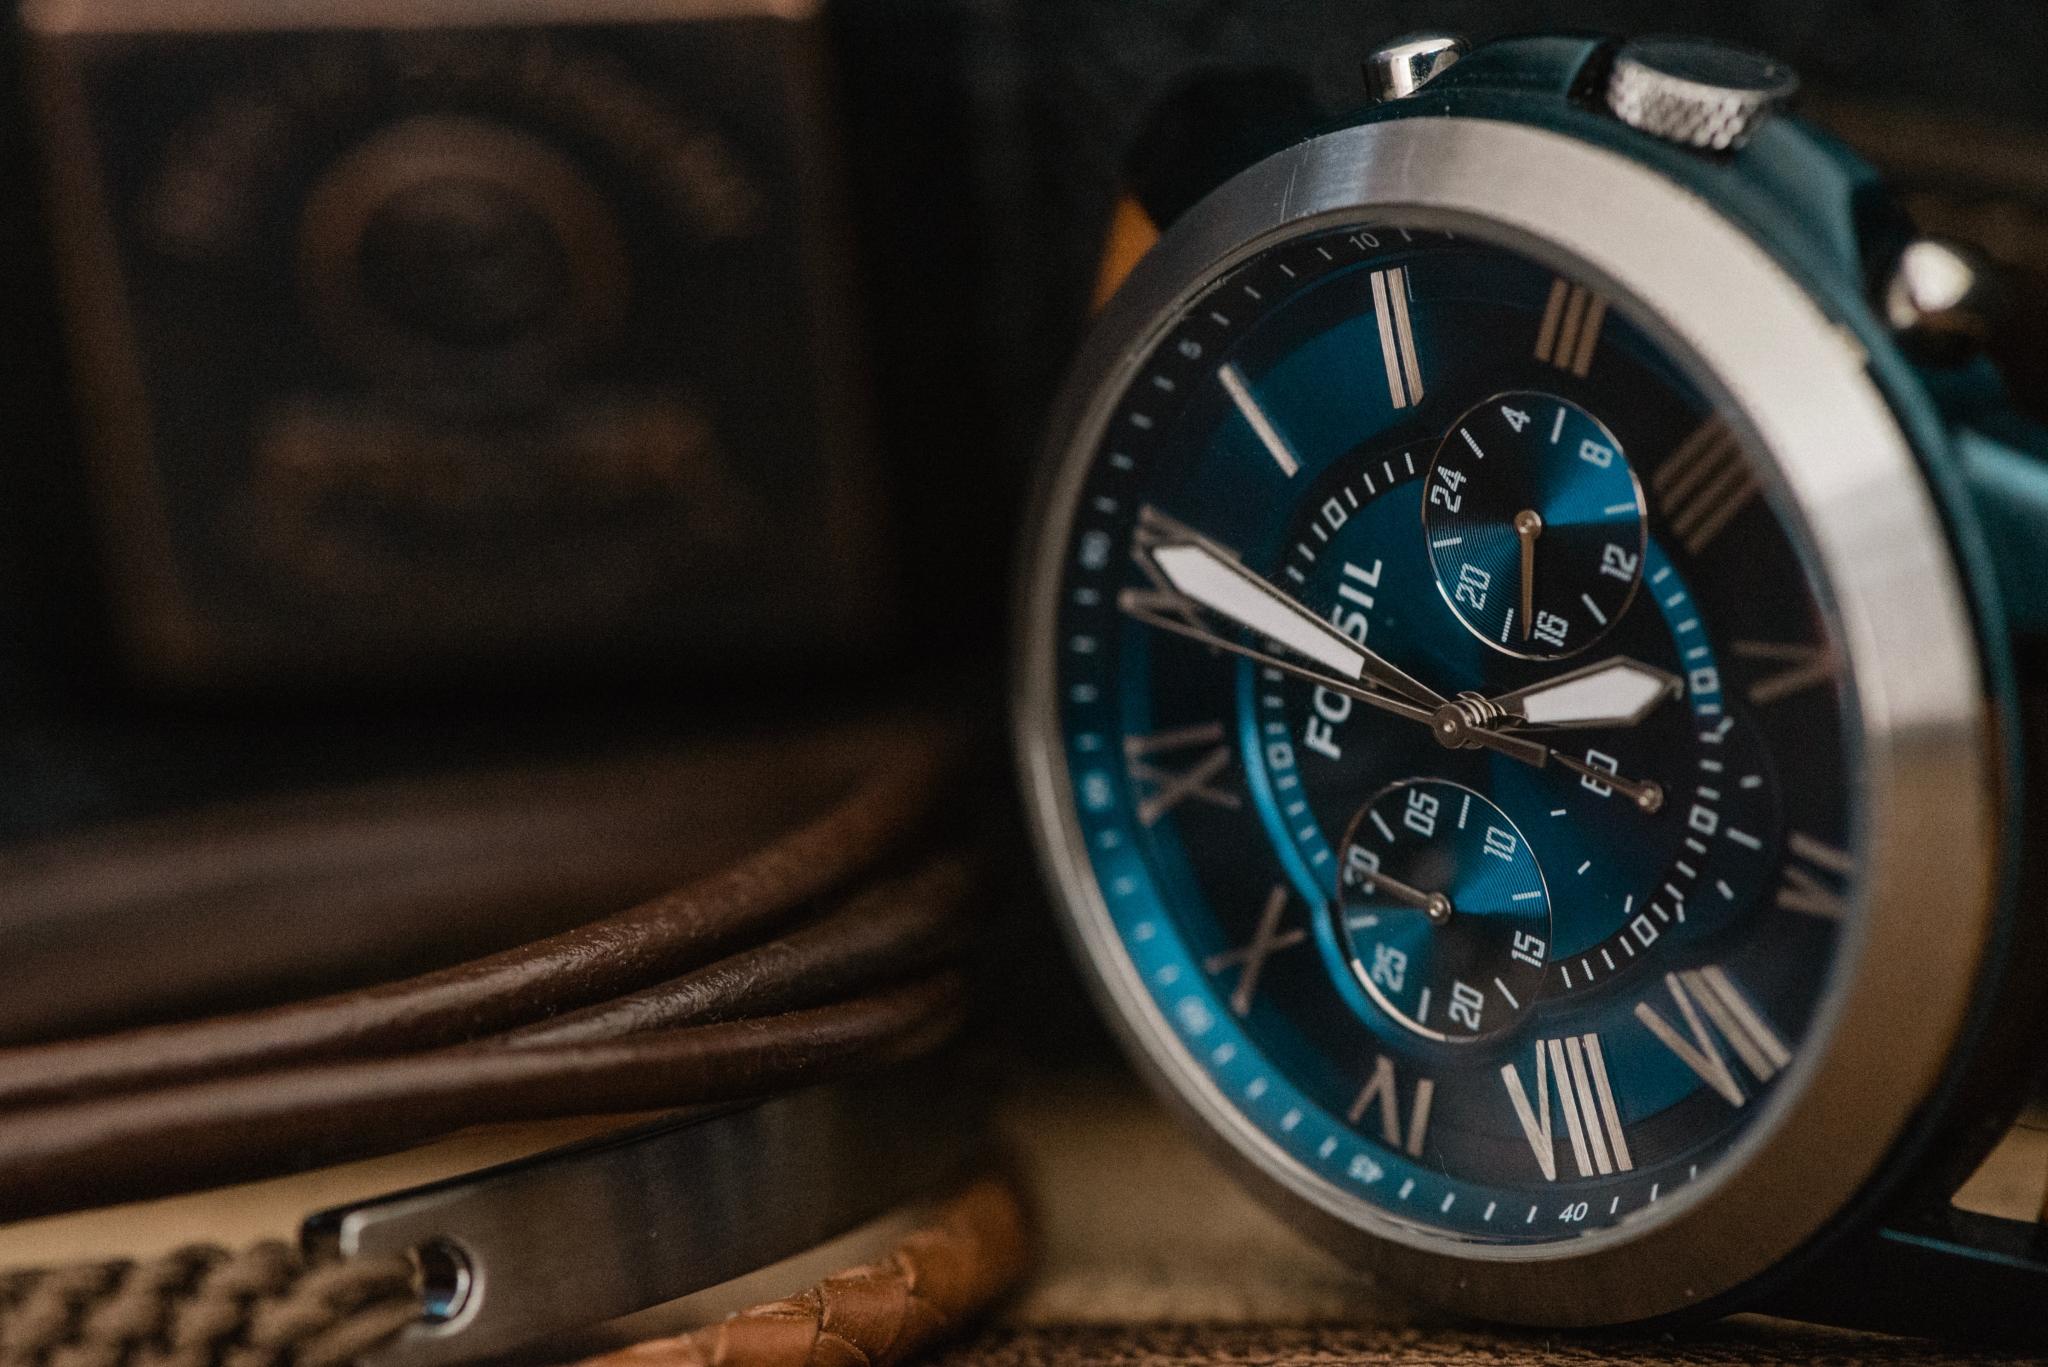 a91d851e6a3 Čo vybrať ako valentínsky darček  Vyskúšajte hodinky! - TimeStore.sk